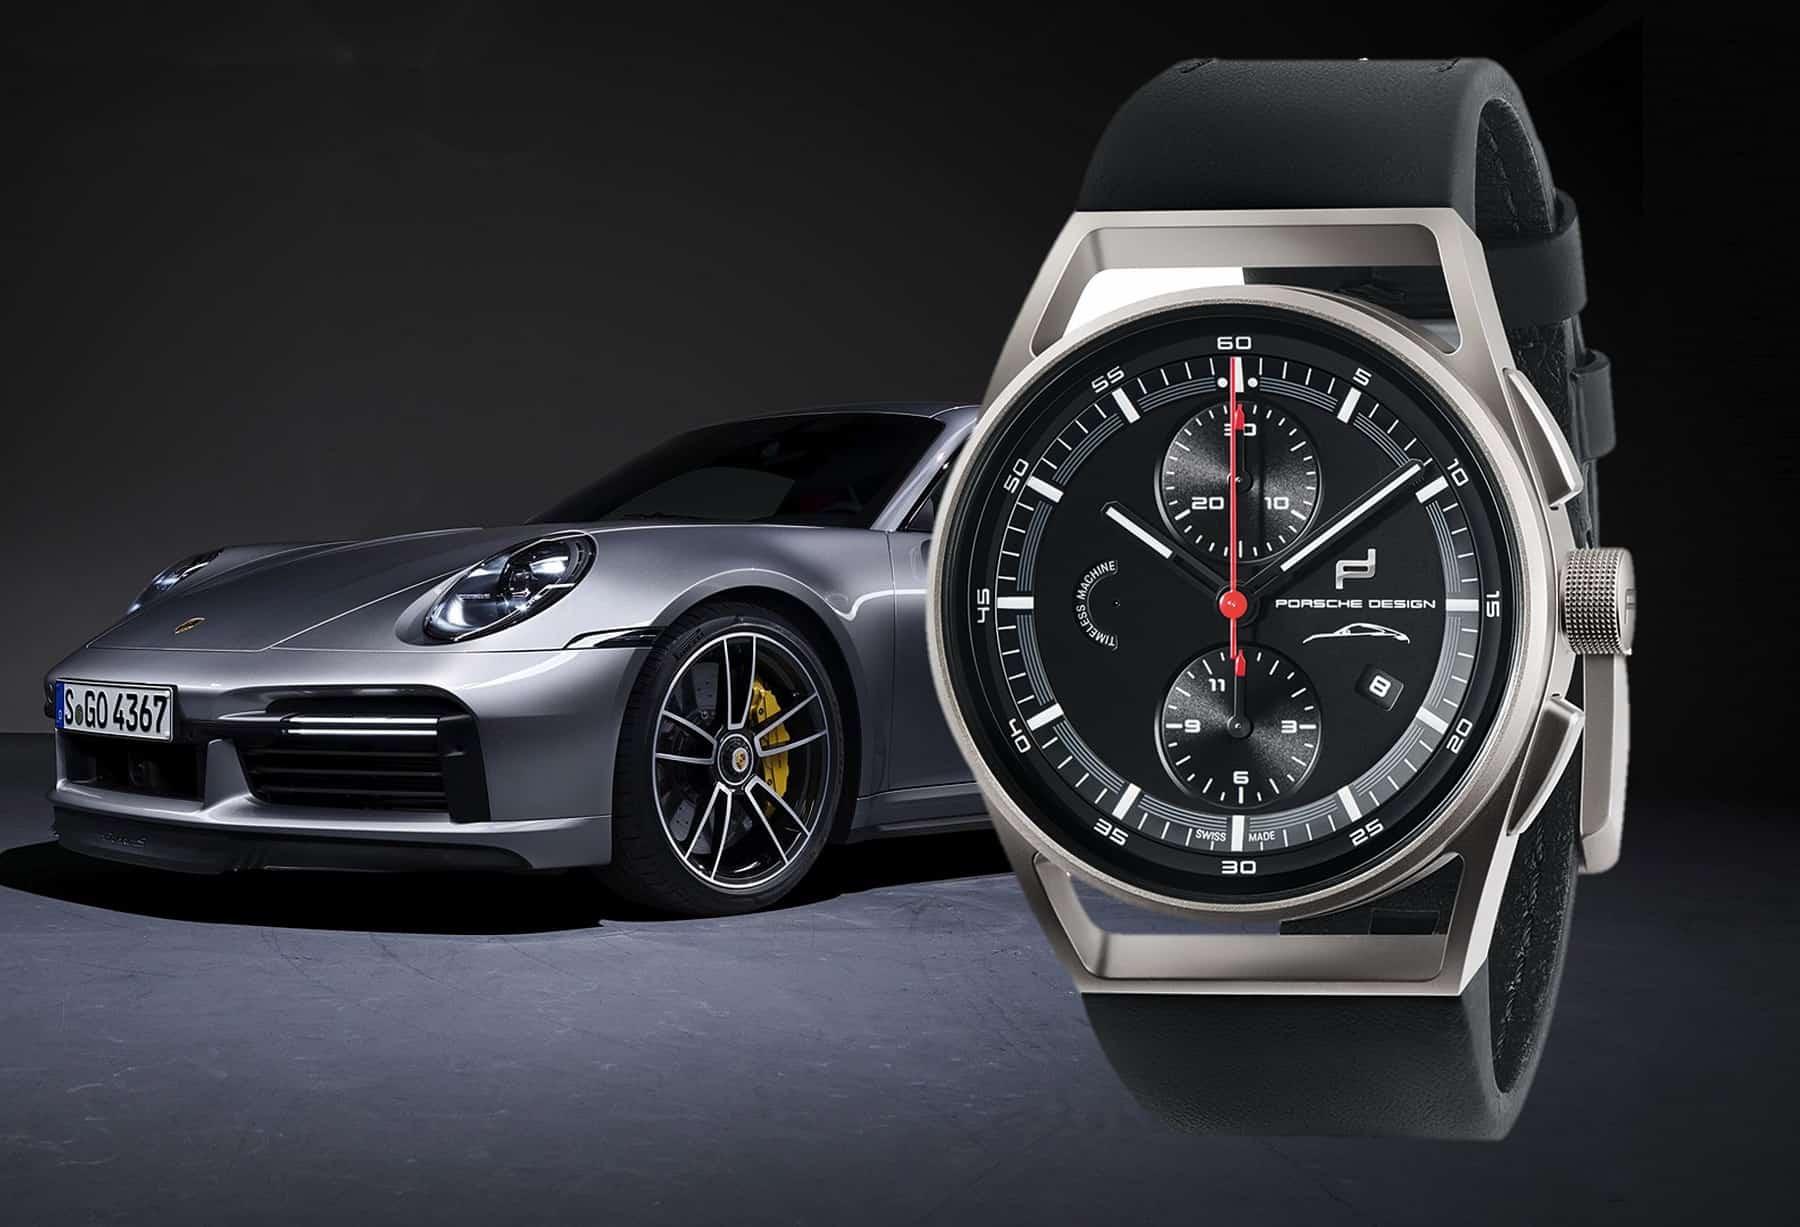 Porsche Design ChronographDen Porsche Design 911 Timeless Machine Chronograph gibt es? Genau!  911 mal.